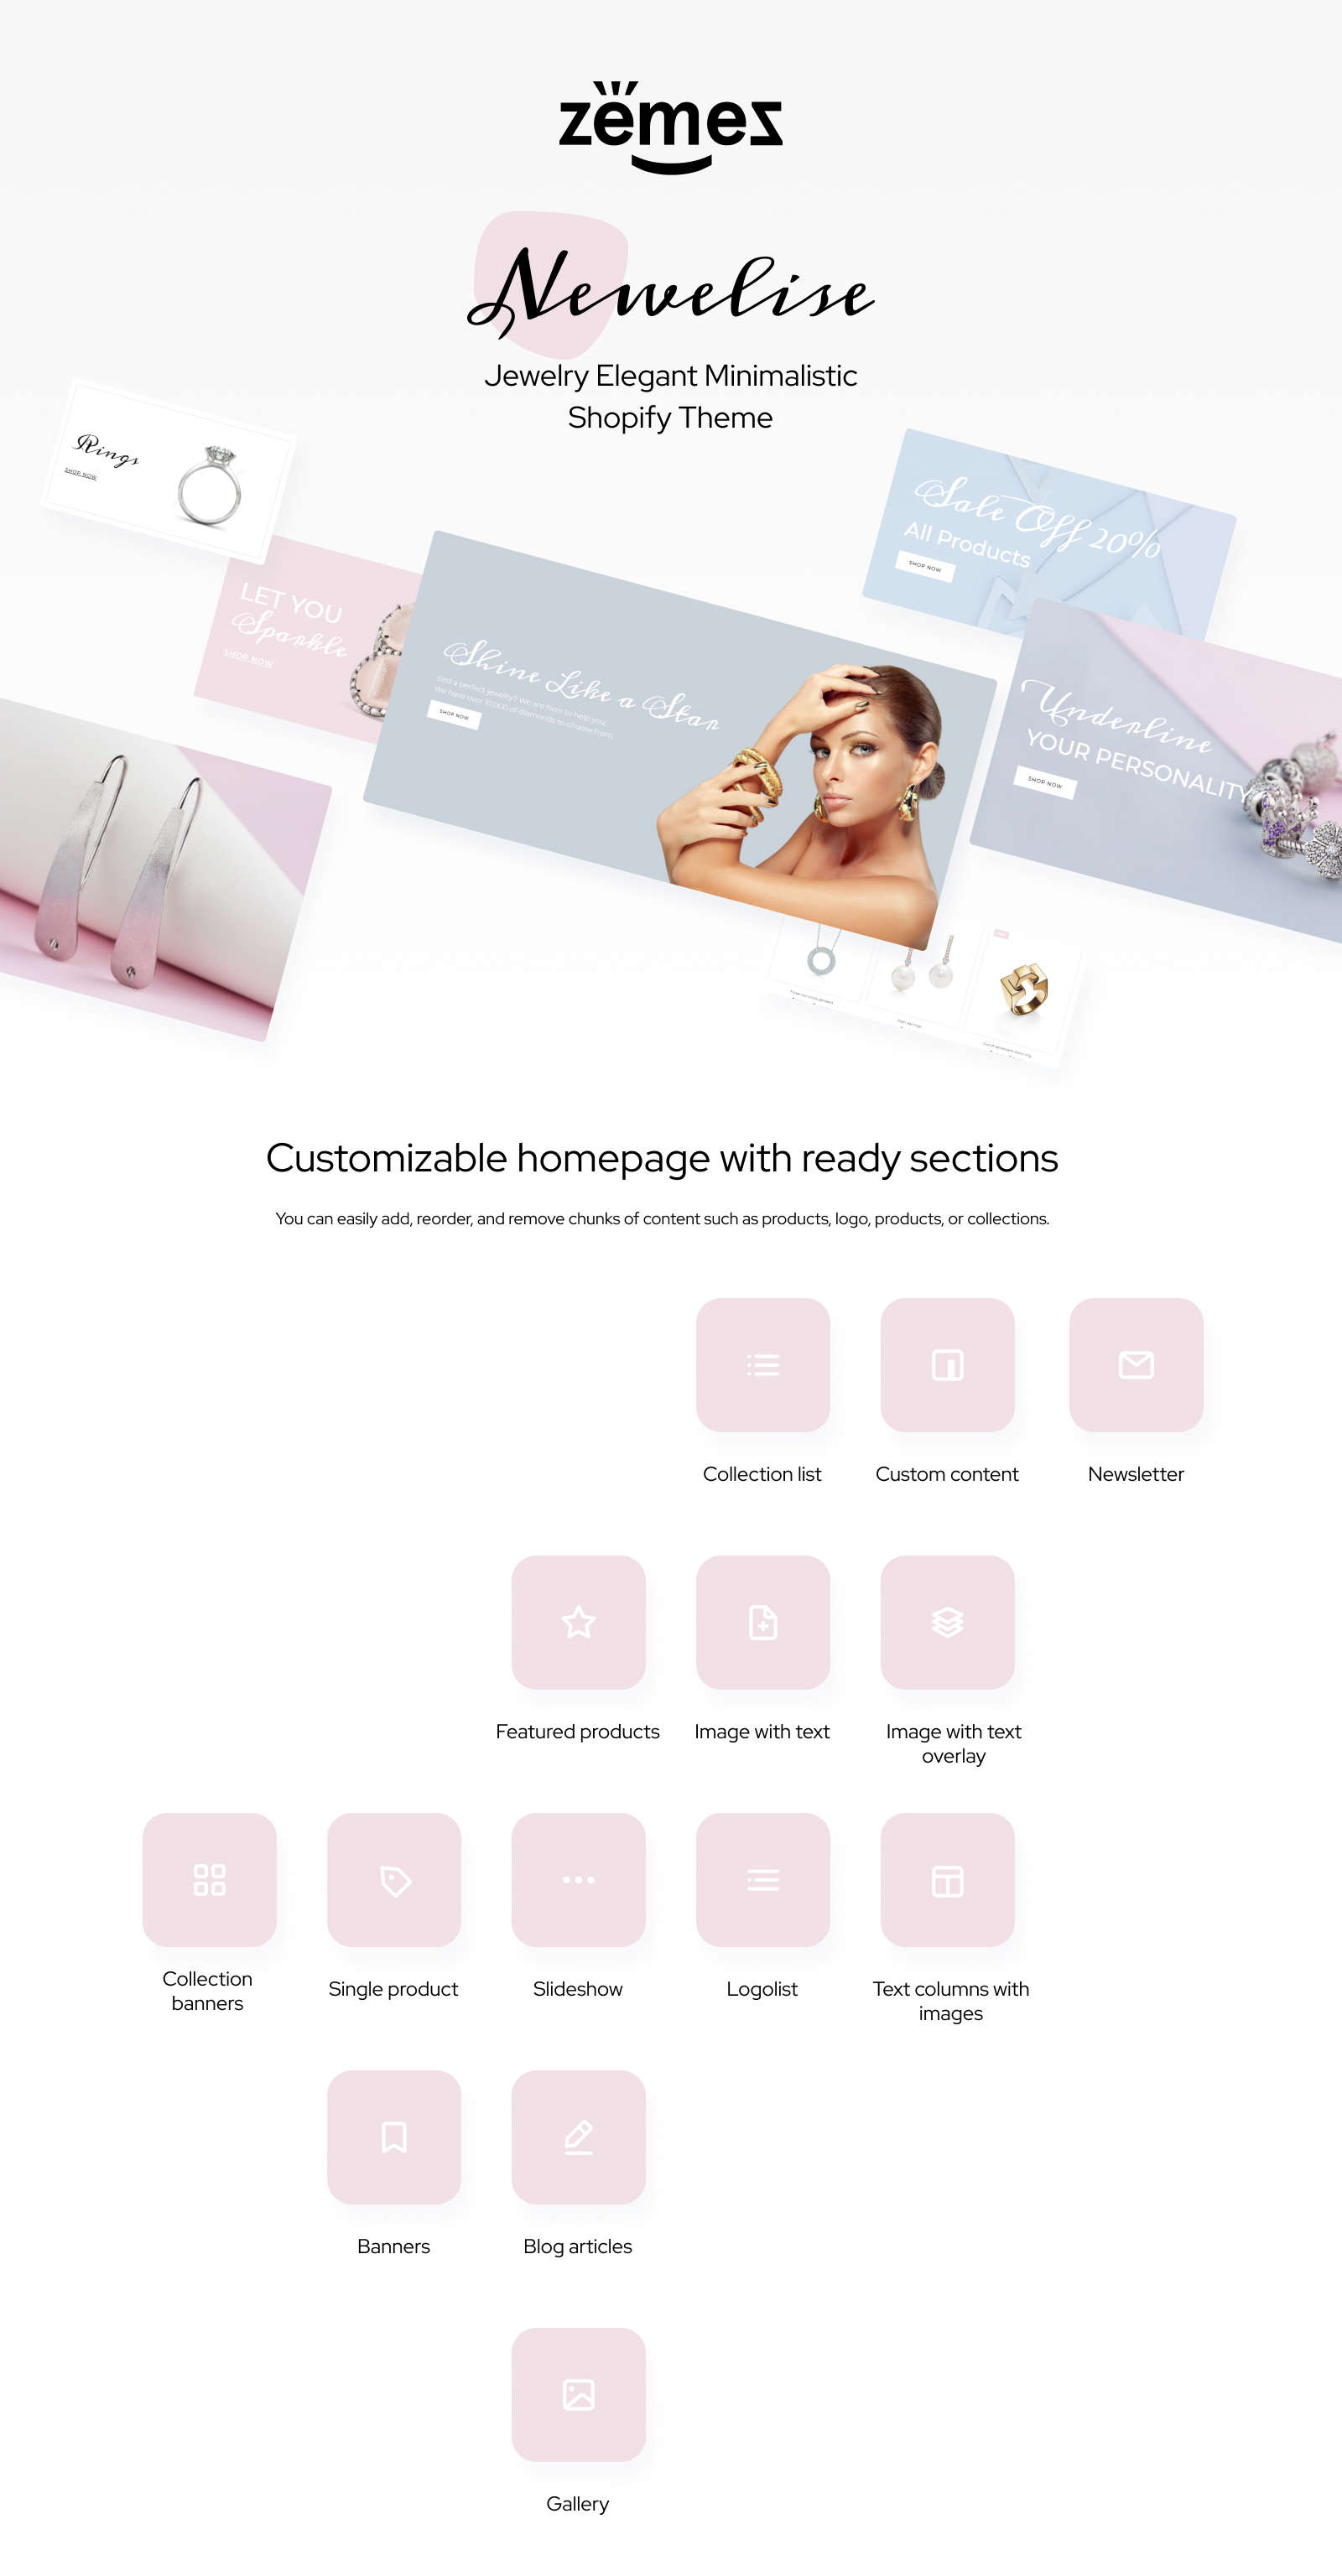 Newelise - Jewelry Elegant Minimalistic Shopify Theme